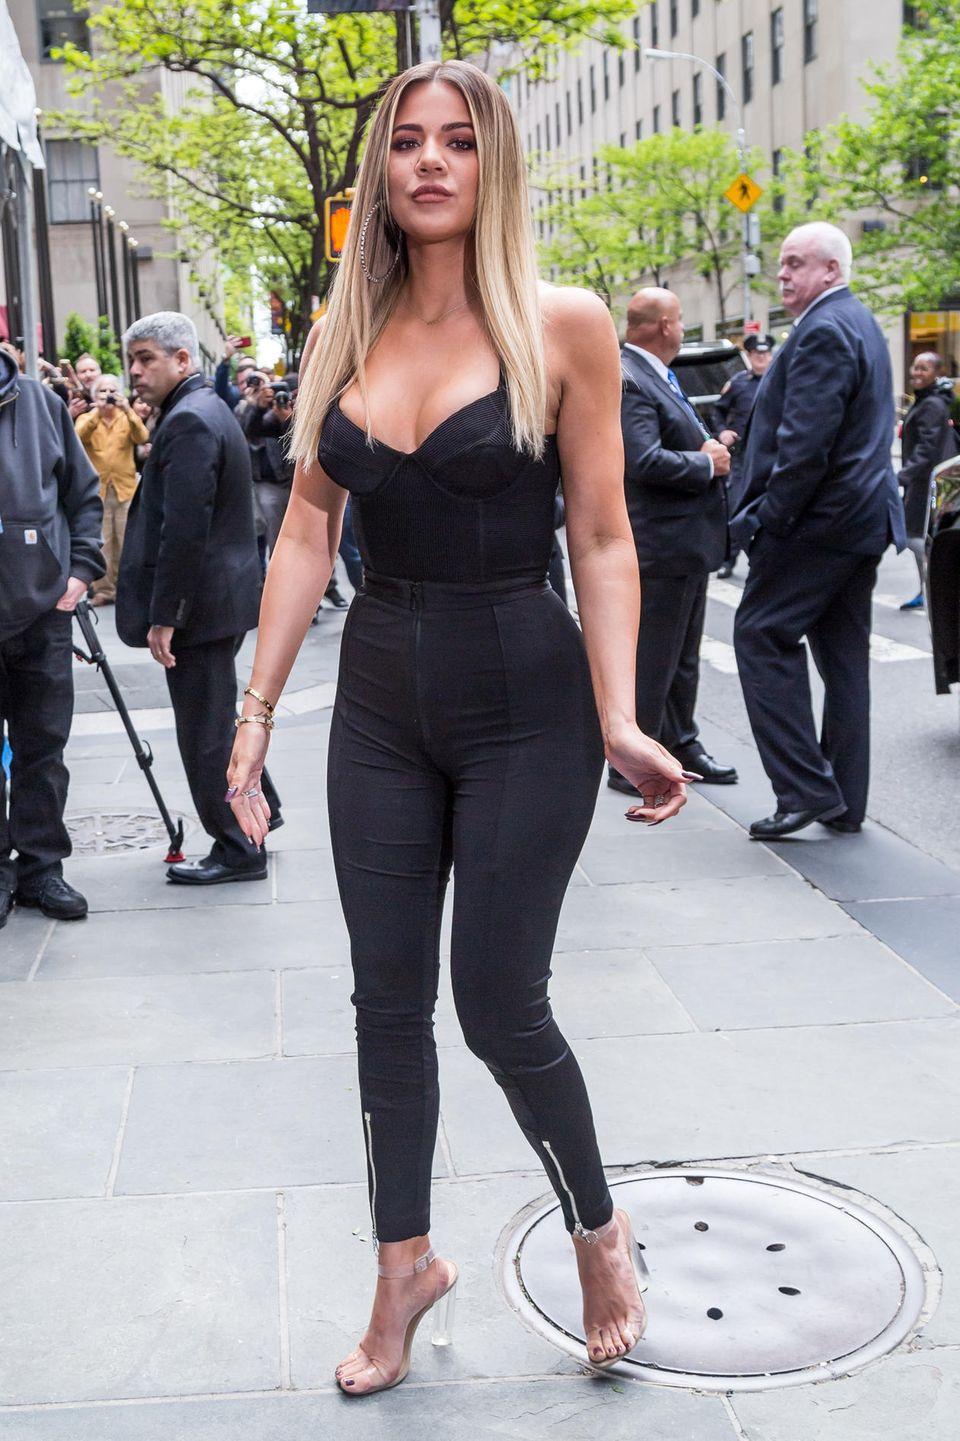 """Khloé Kardashian: 14 Jahre alt  Das Reality-TV-Sternchen erzählte dem Magazin """"The View"""", dass sie sich von ihrem älteren Sexpartner betrogen gefühlt hatte. """"Zurück betrachtet, denke ich, war es keine normale Sache"""", sagte sie."""